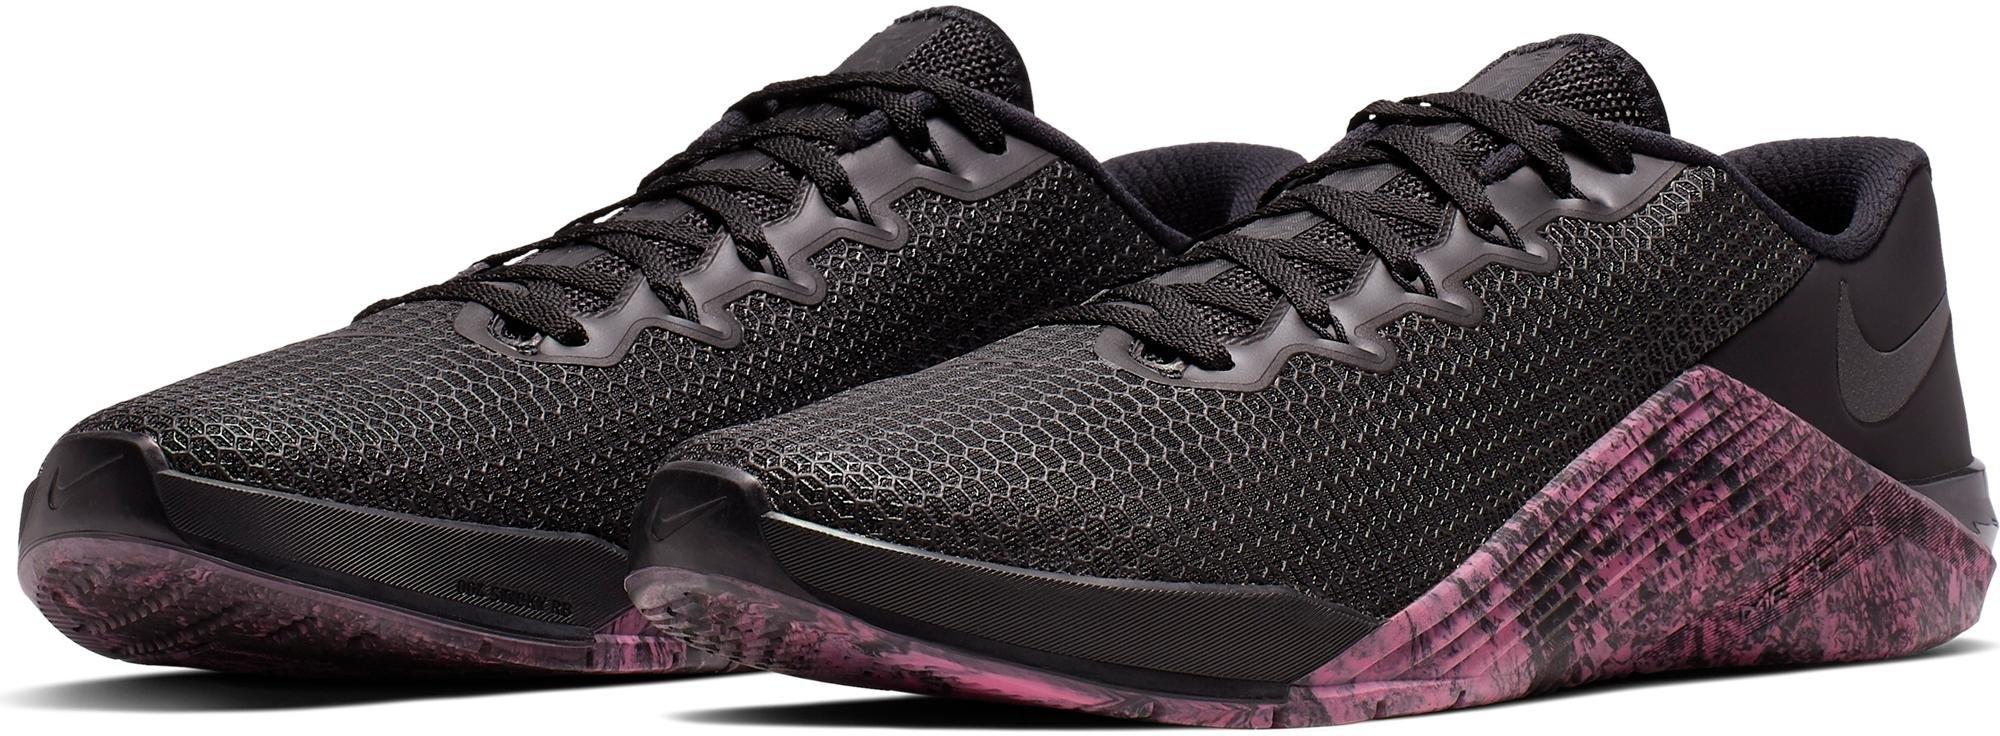 Nike trainingsschoenen »Metcon 5« goedkoop op otto.nl kopen